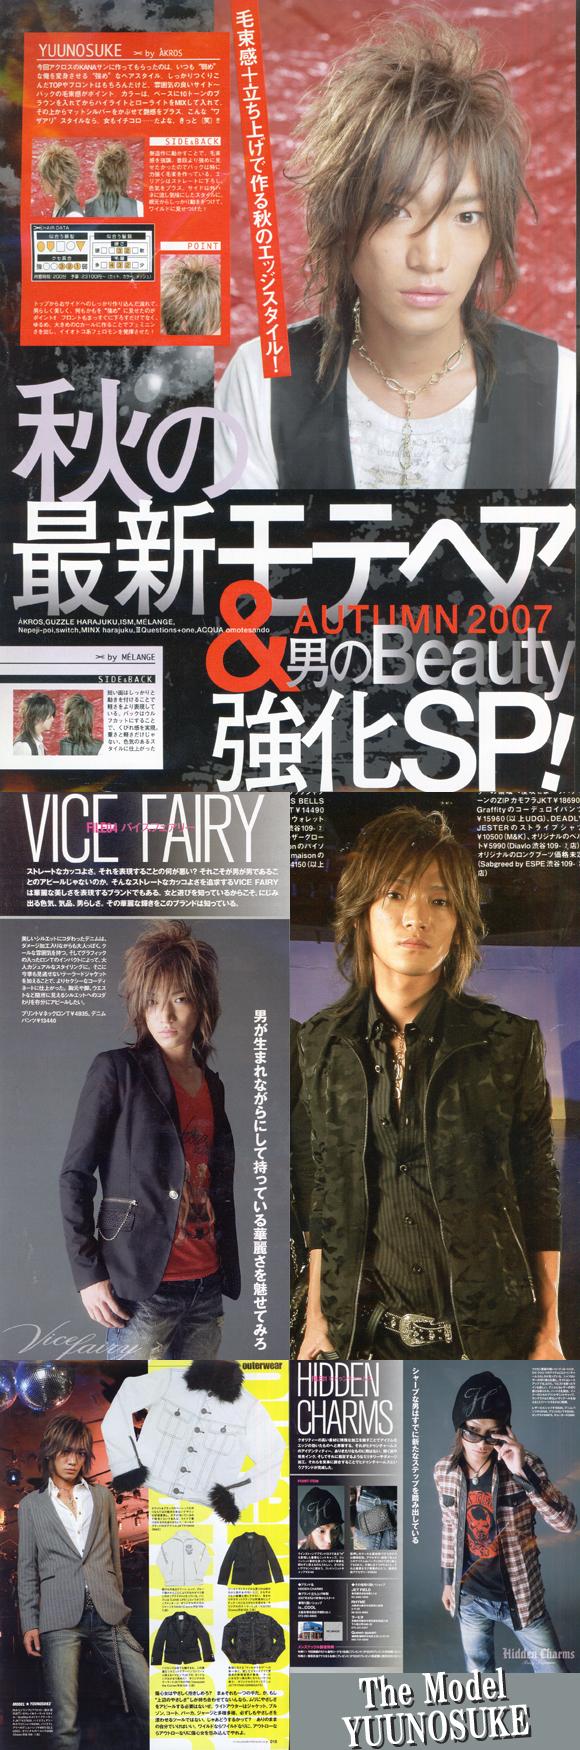 歌舞伎町のホストクラブ、AIRの主任、祐之介がモデルとして雑誌に掲載されました。